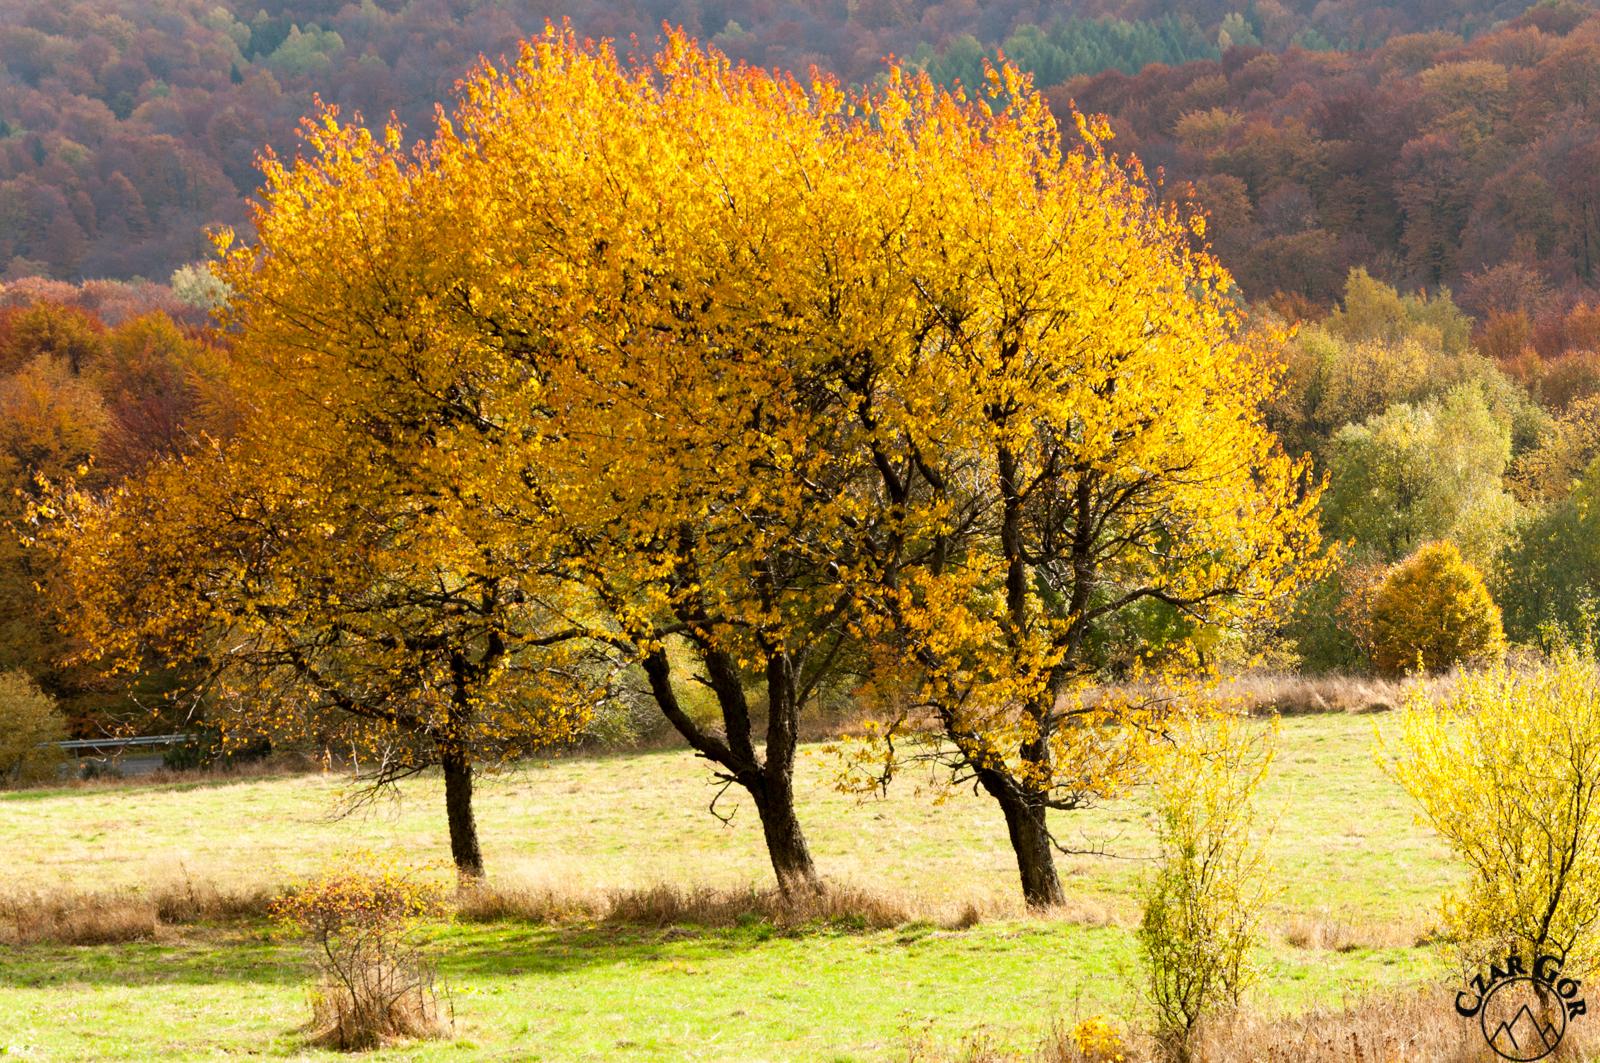 Kolorowo, jesiennie w Bieszczadach